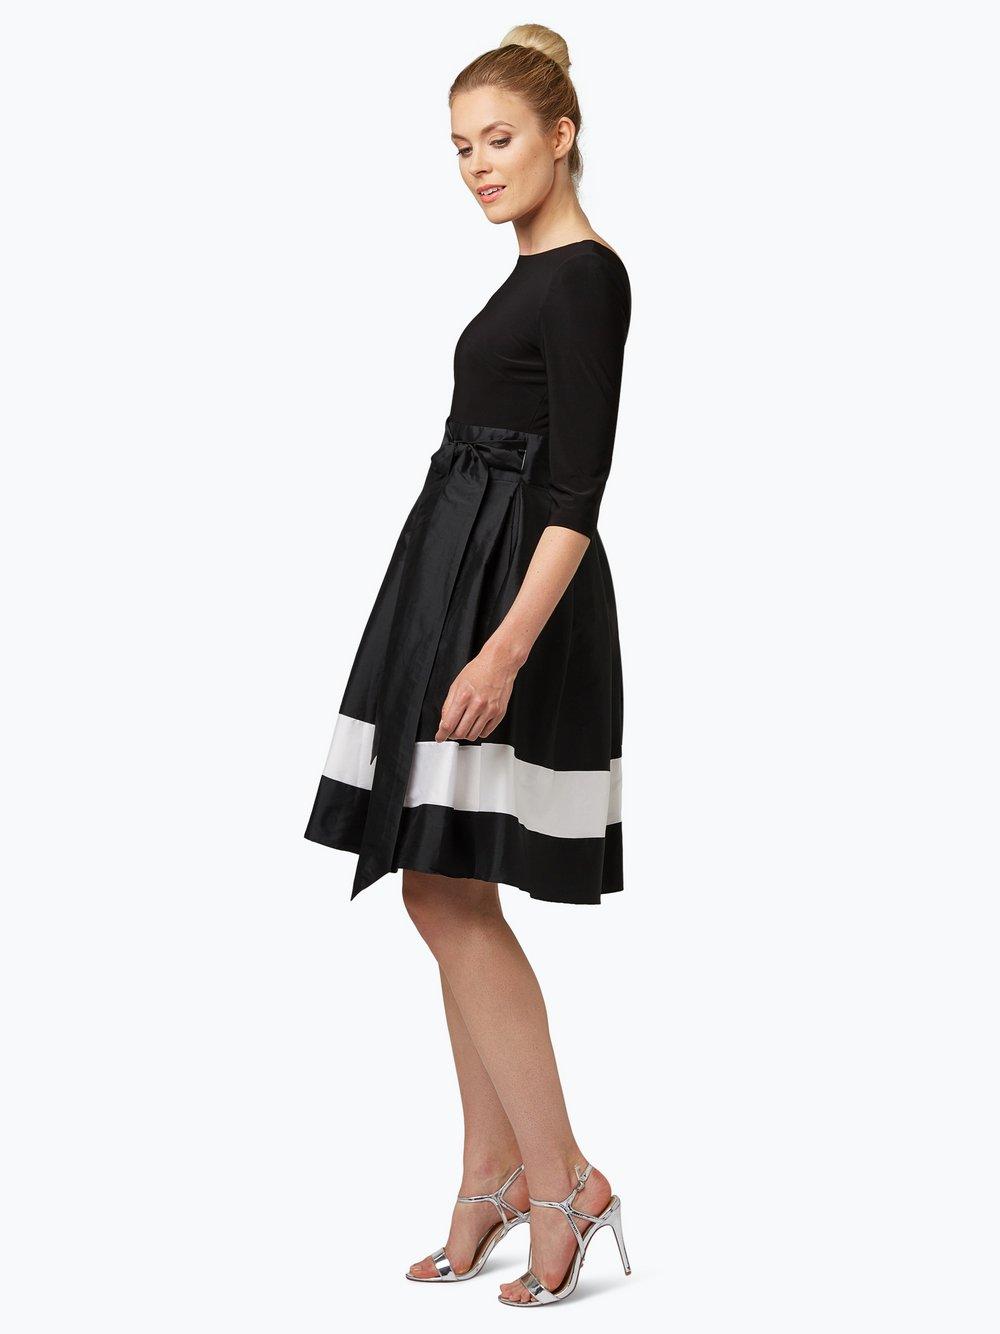 Adrianna Papell Damen Cocktailkleid schwarz weiß uni online kaufen ...